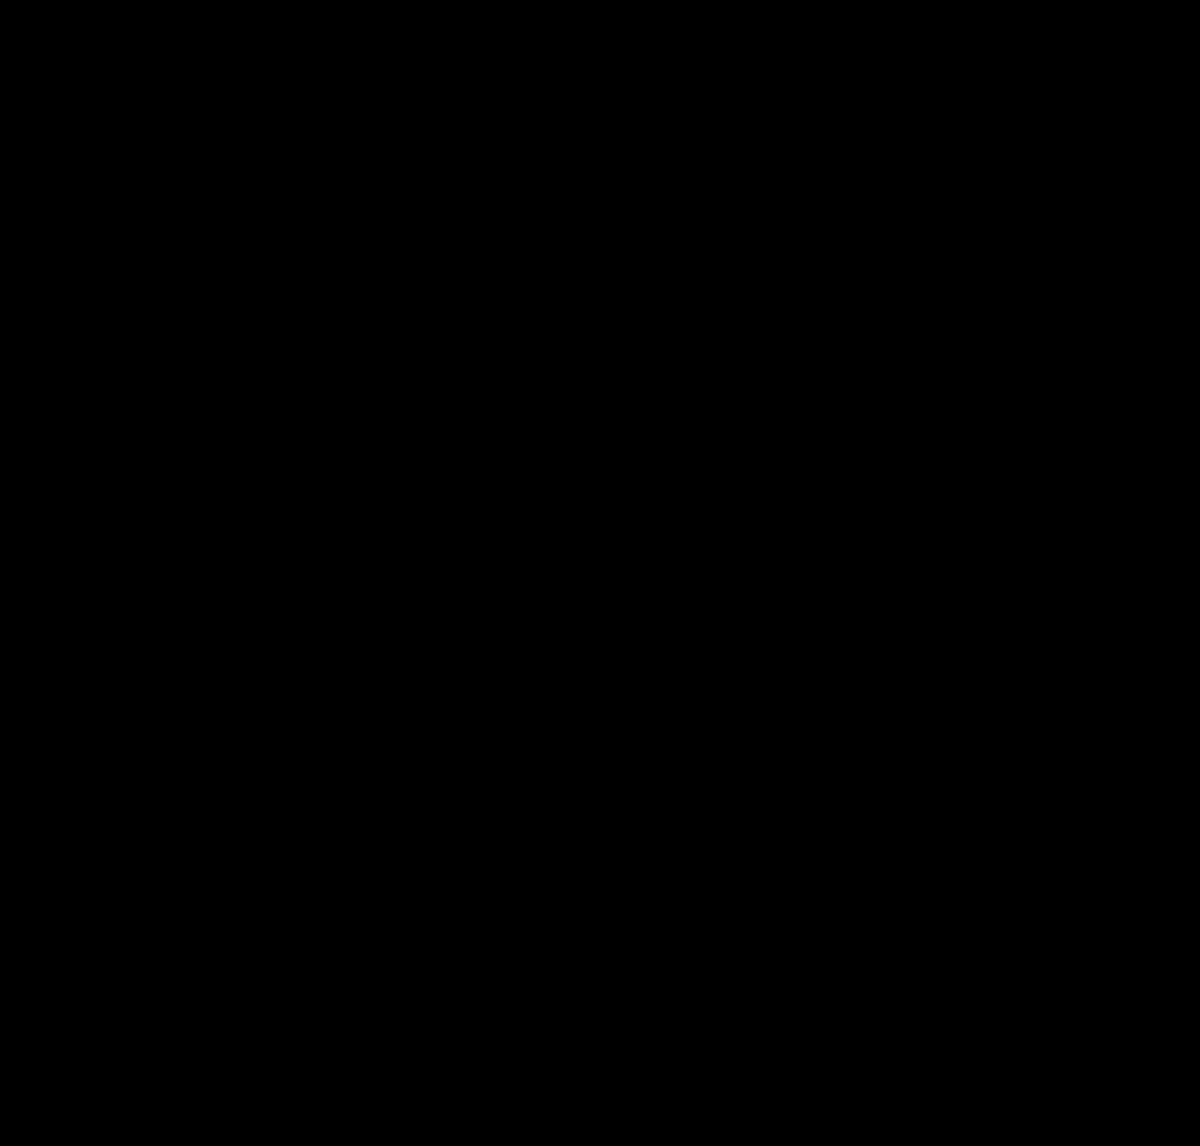 AMBASADOR BOSNE I HERCEGOVINE U REPUBLICI SJEVERNOJ MAKEDONIJI DRAGAN JAĆIMOVIĆ BORAVIO U POSJETI OPŠTINI RESEN